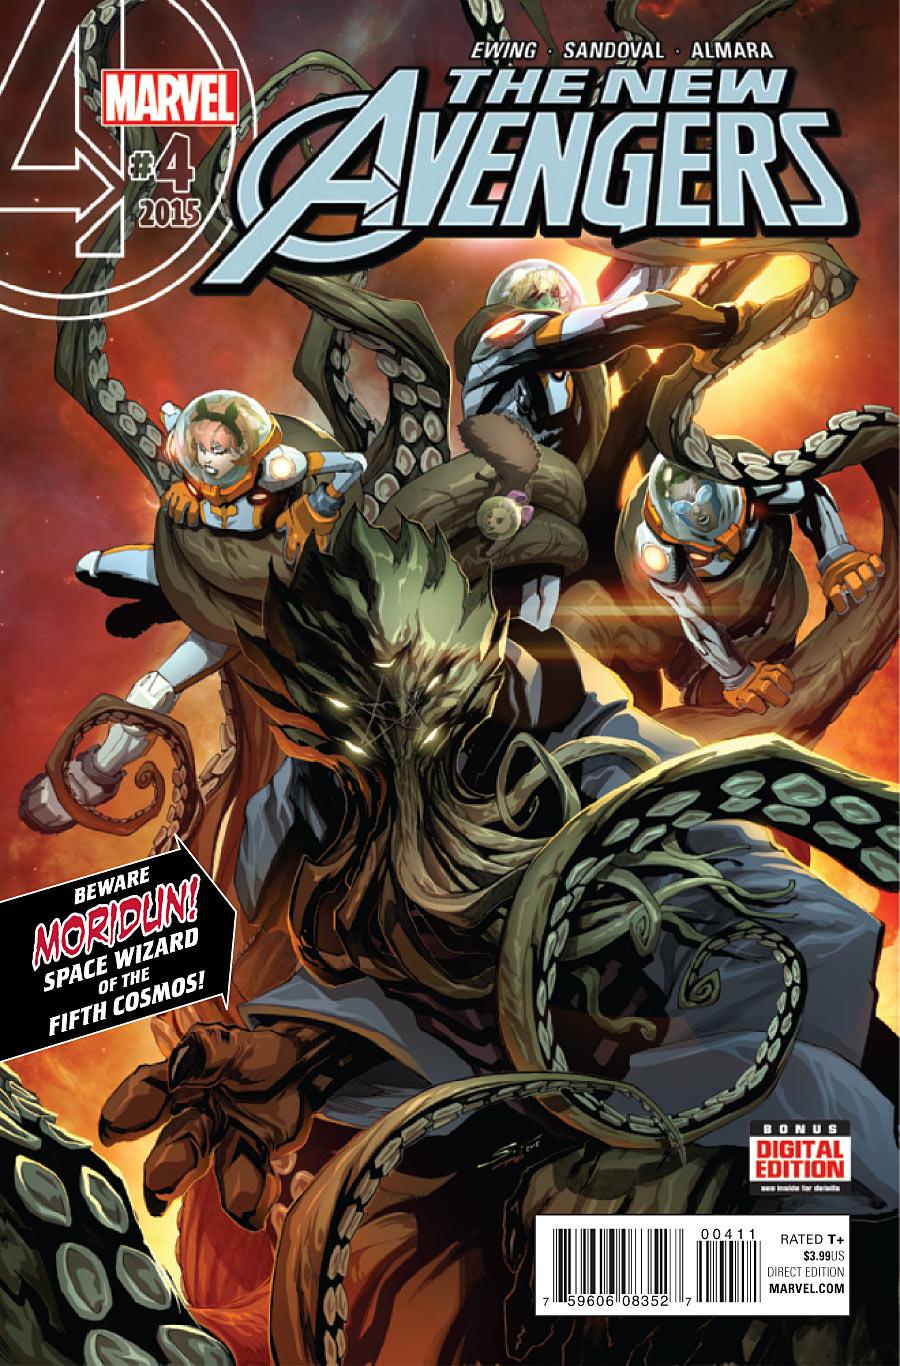 The New Avengers Vol 4 #4. Por Gerardo Sandoval y Dono Sanchez Almara.